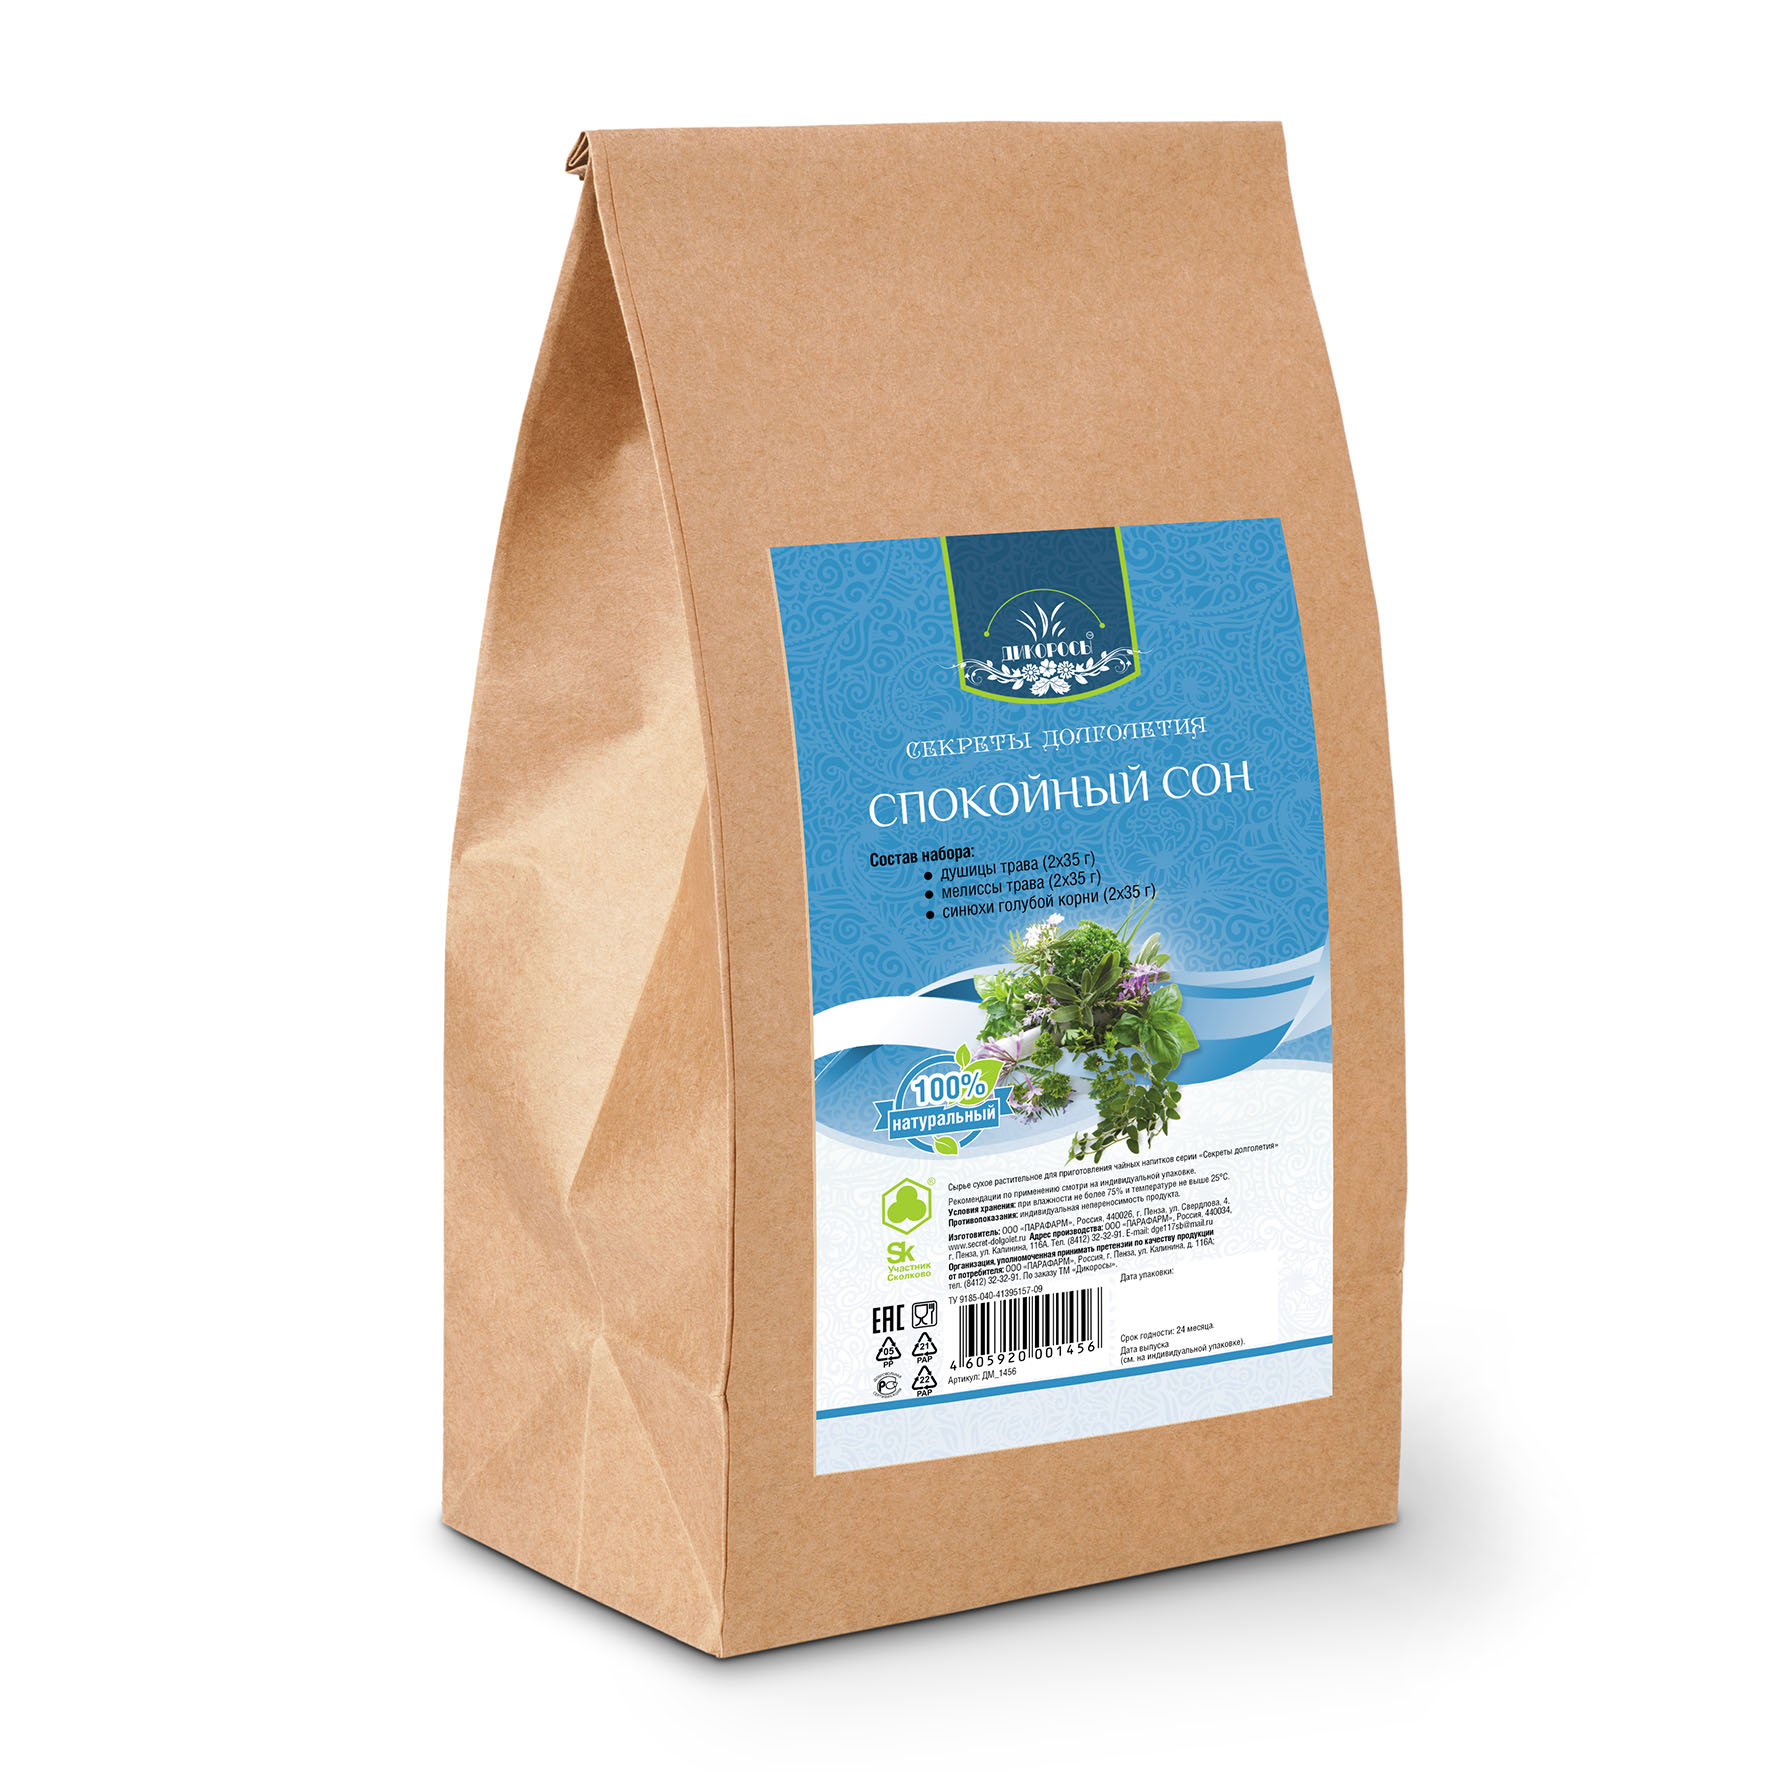 Спокойный сон – сбор. Сырье сухое растительное для приготовления чайных напитков